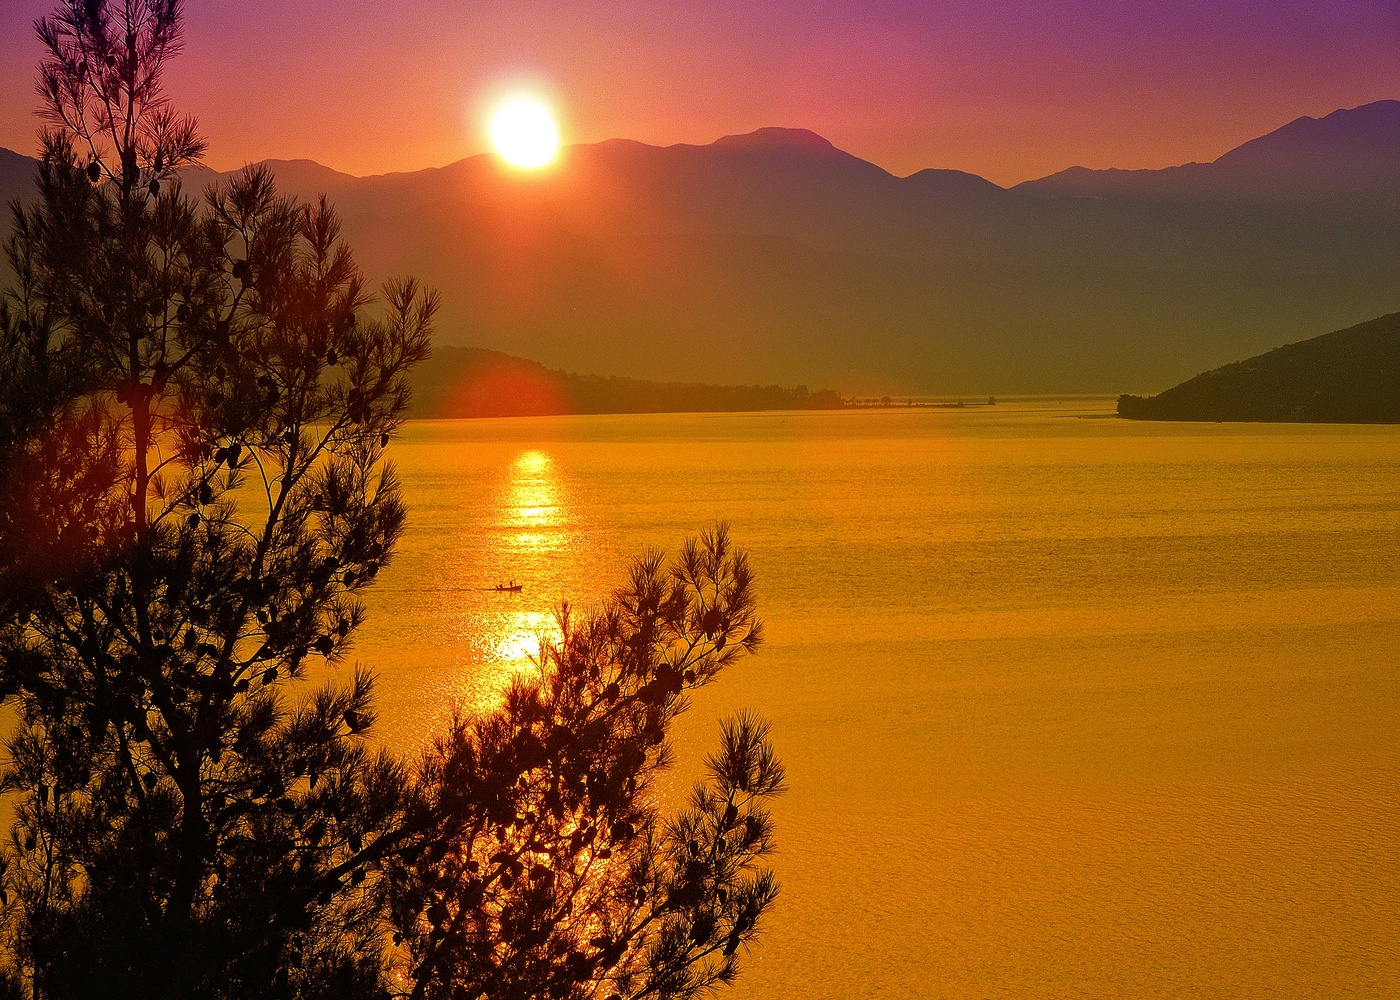 меня удивило картинки красивого восхода вам точно